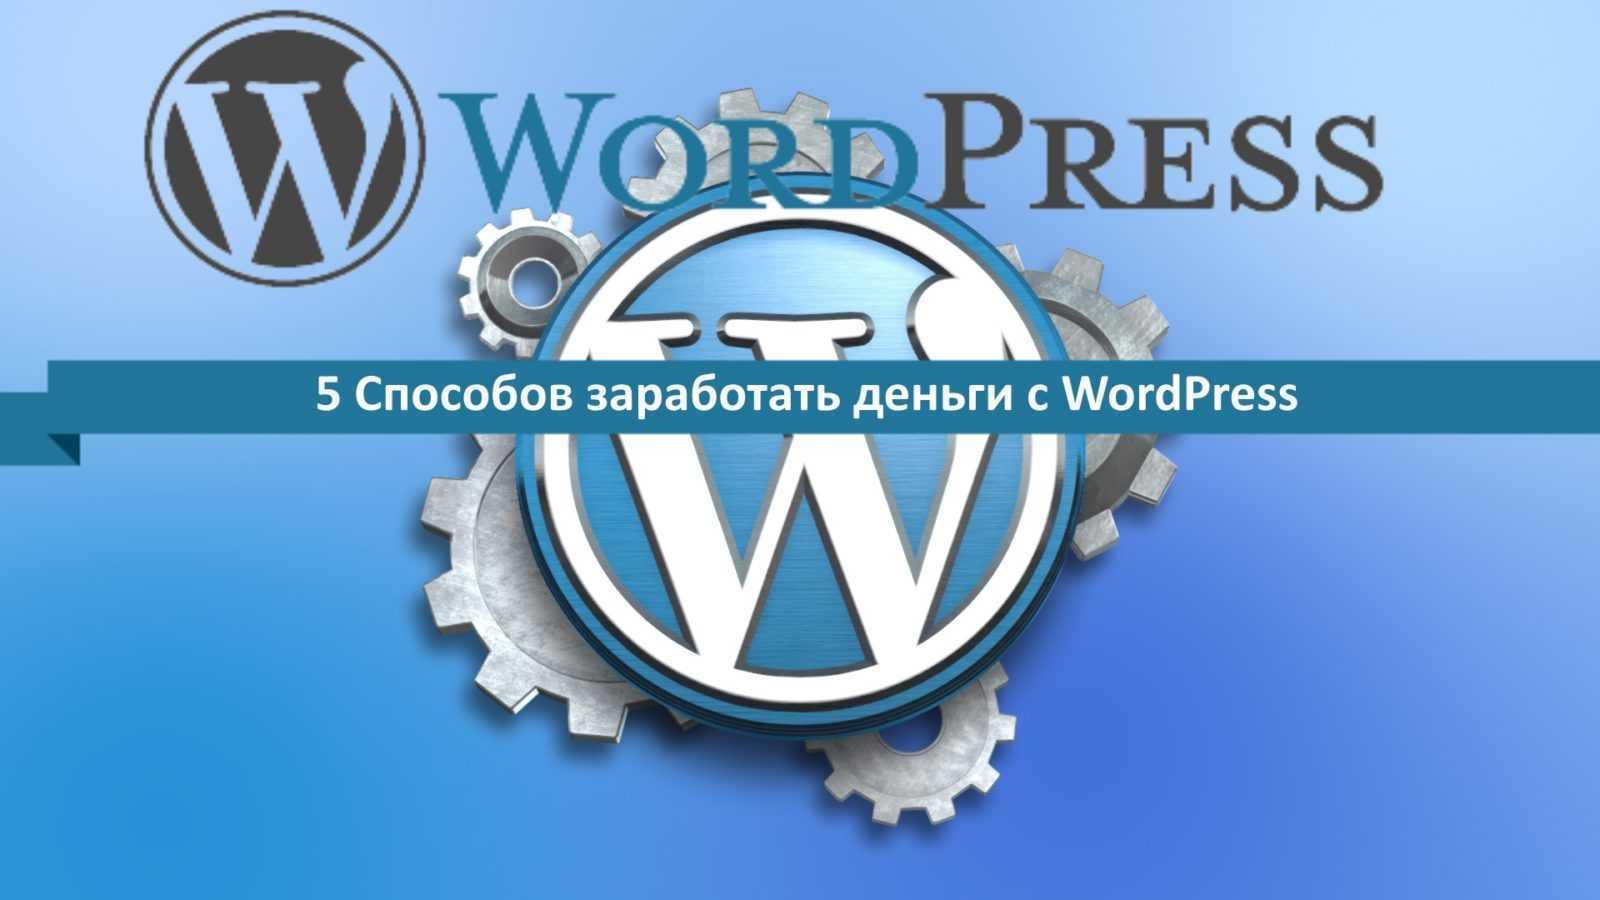 5 Способов заработать деньги с WordPress